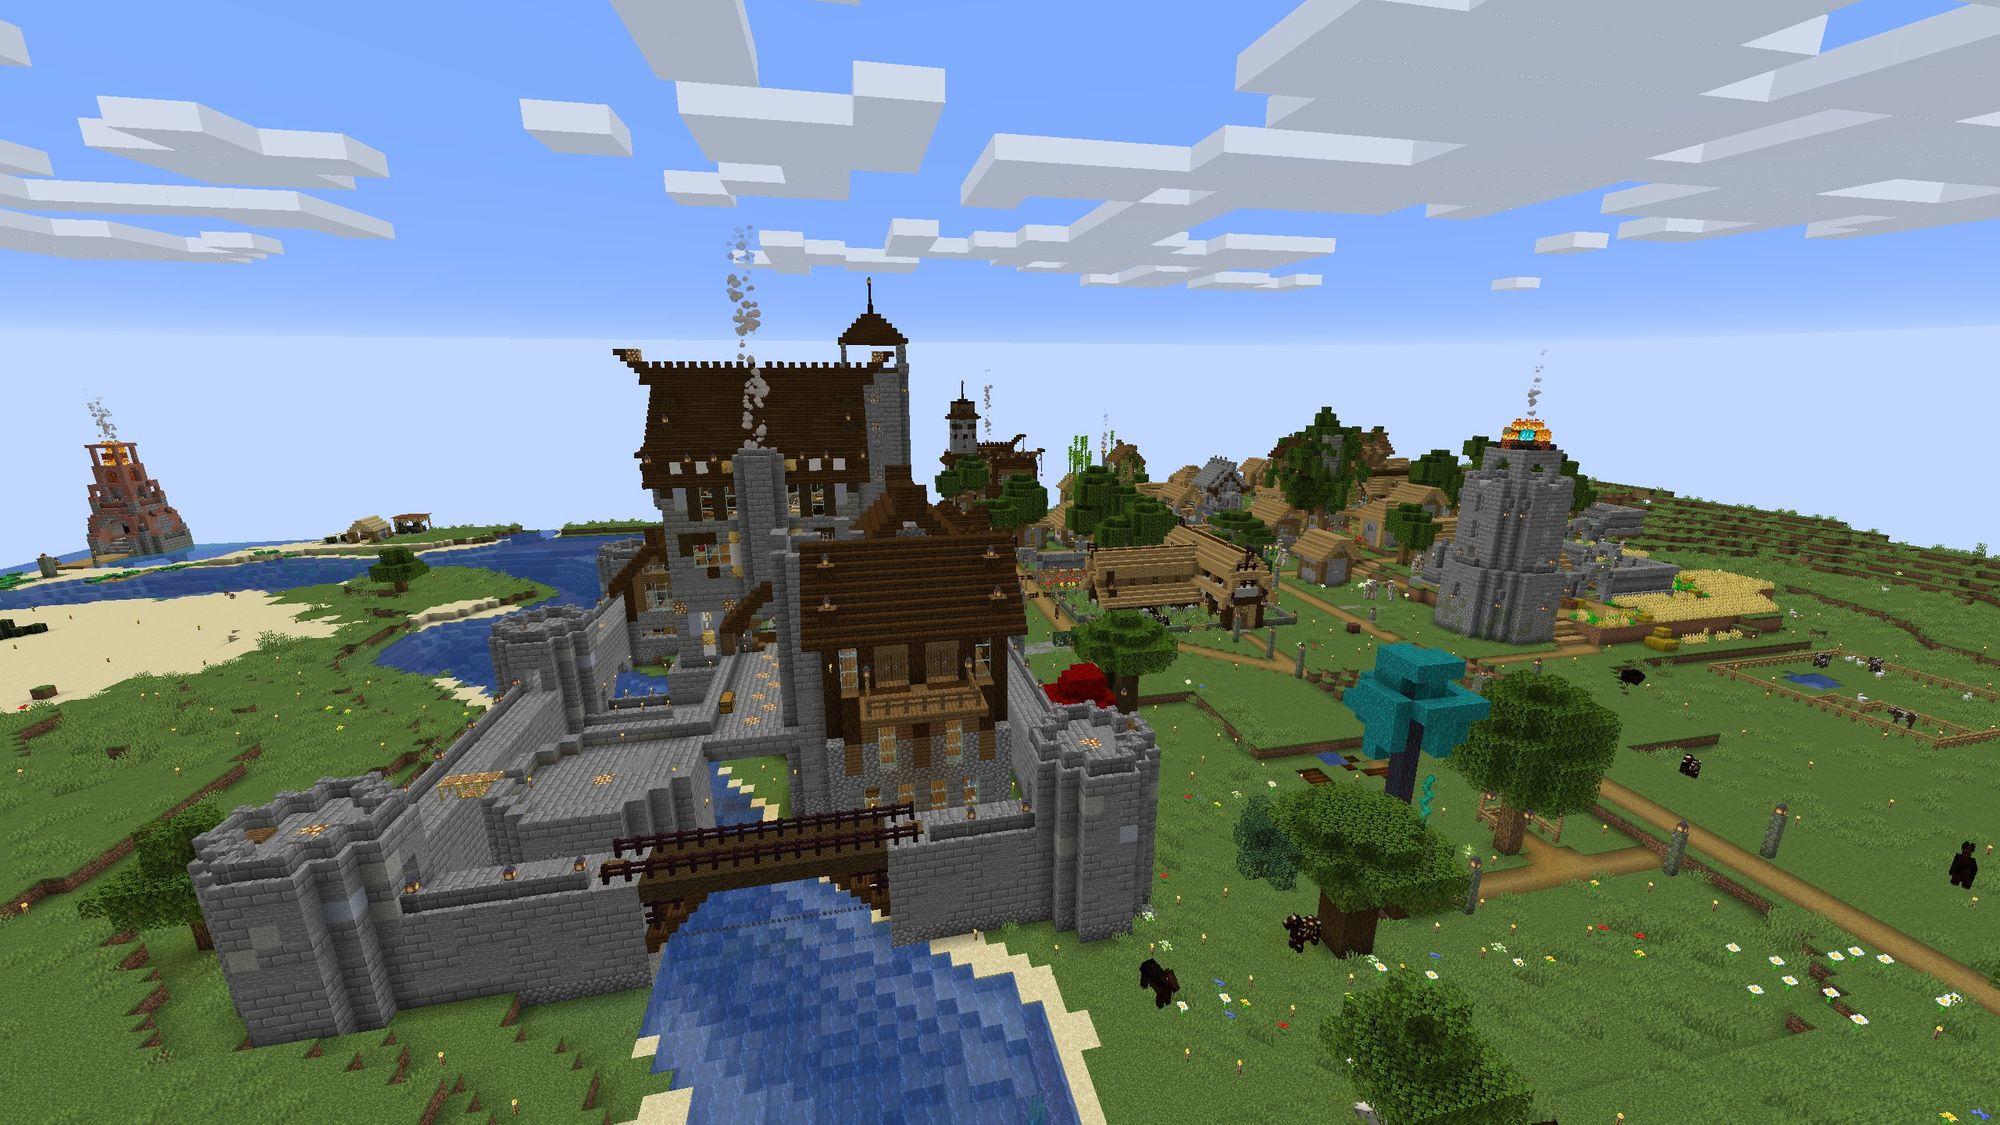 Une deuxième capture d'écran de mon server Minecraft.